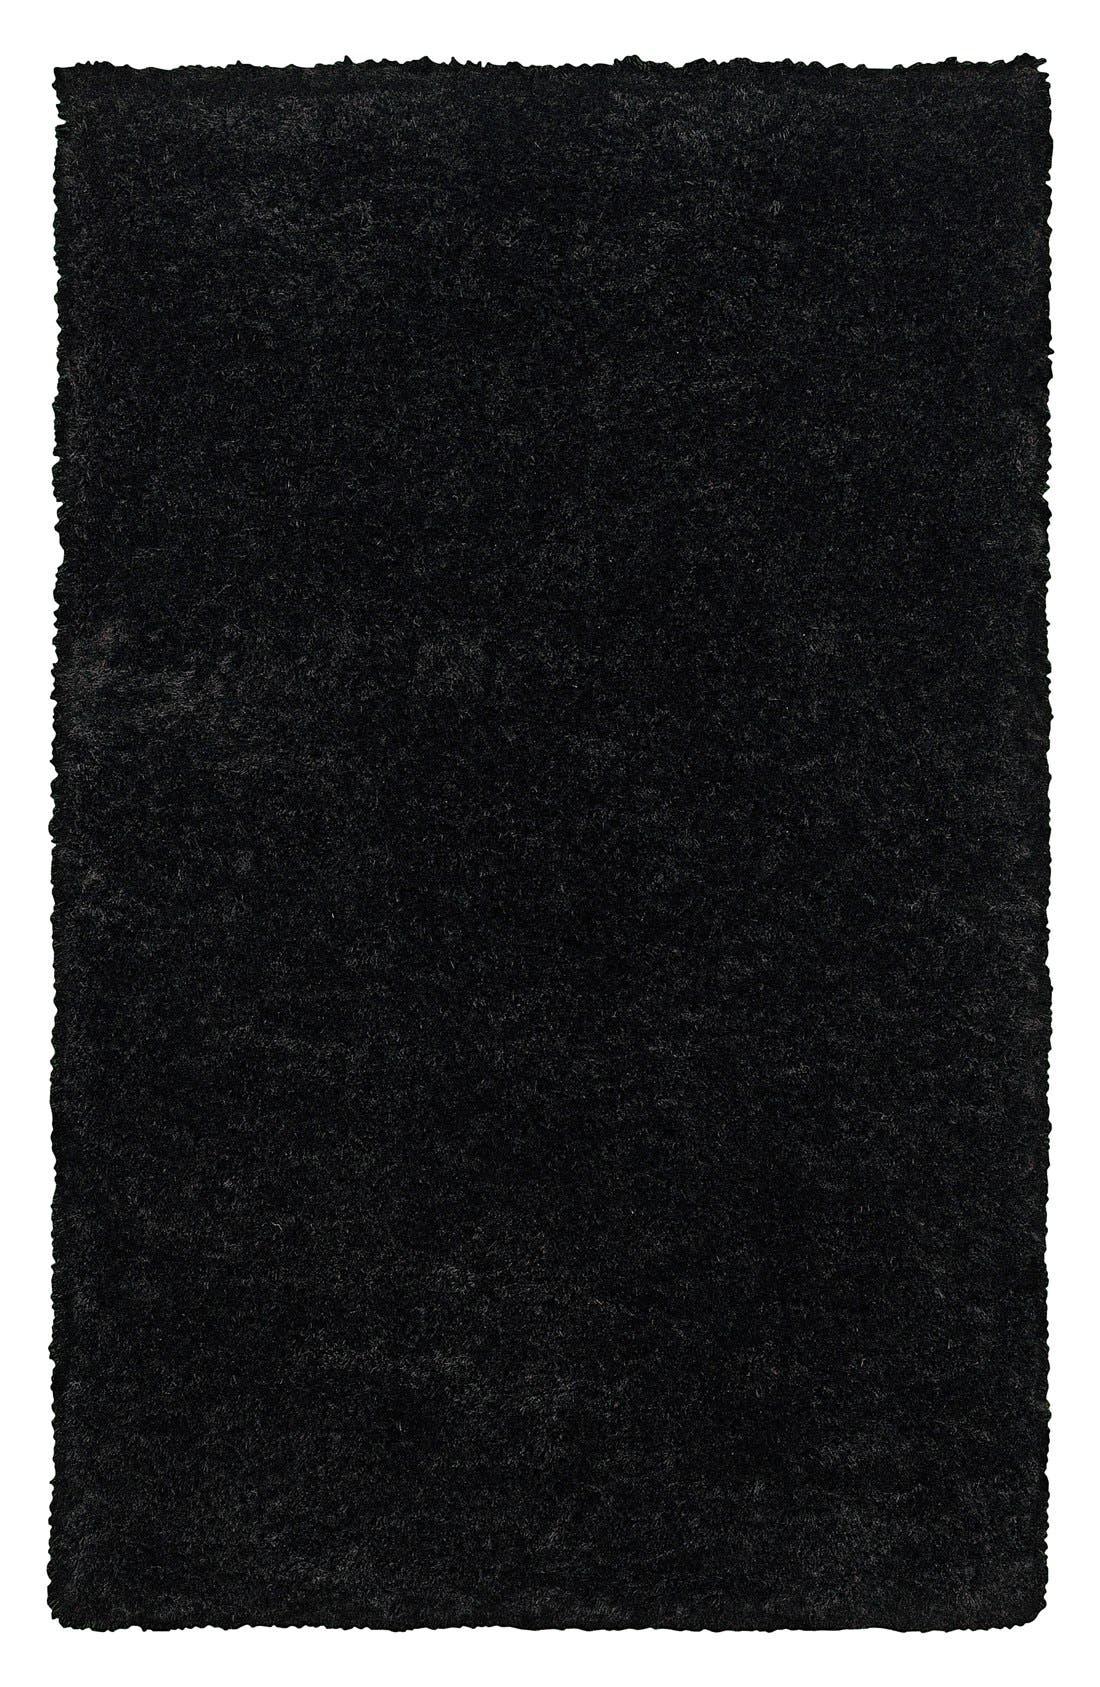 Plush Shag Hand Tufted Area Rug,                         Main,                         color, 001